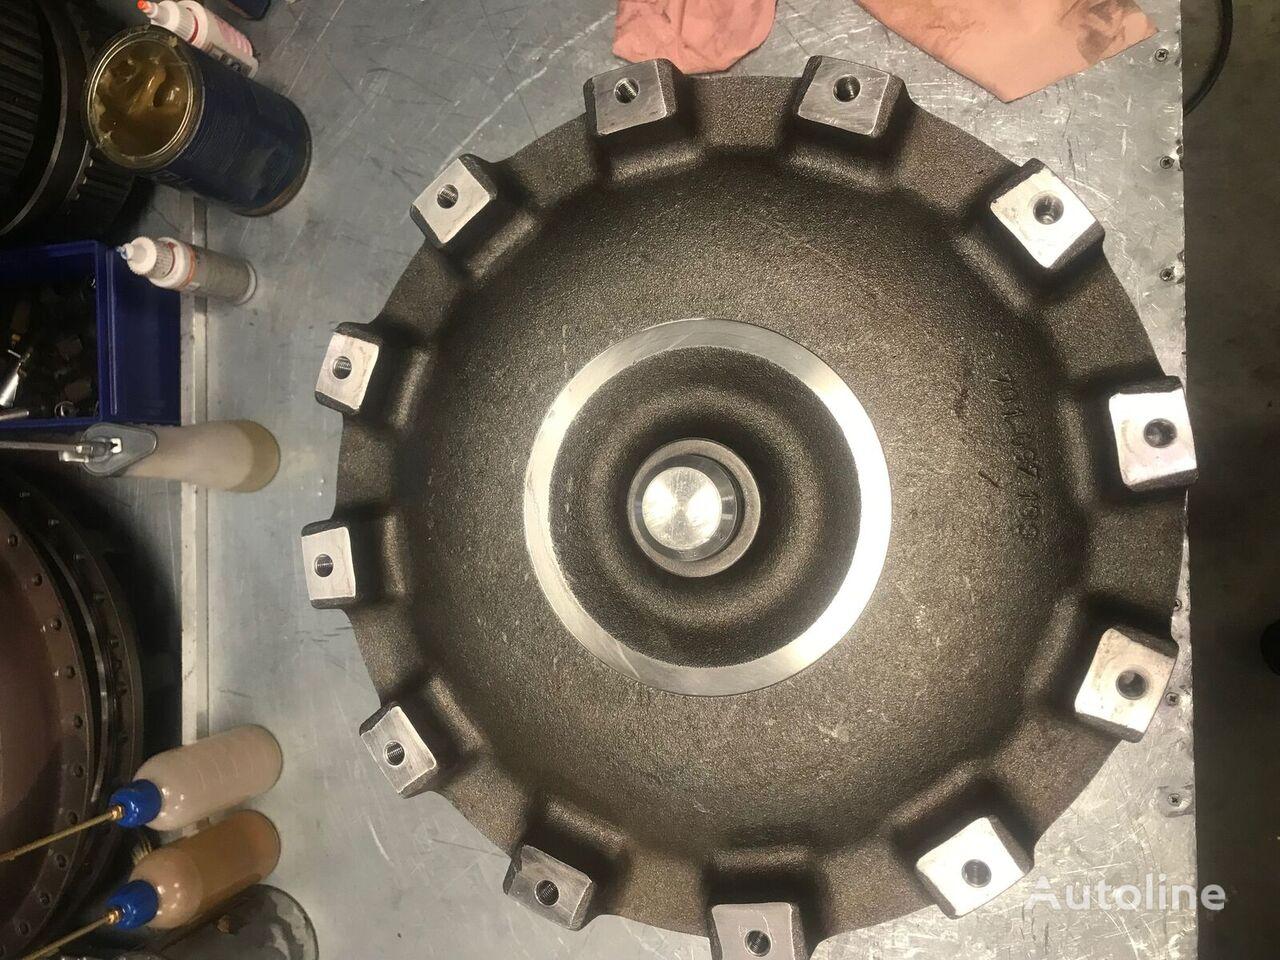 VOLVO 11038434, 11038440, 11038442 acoplamiento hidráulico para VOLVO A25F, A30F, A35E, A35E FS, A35F, A35F FS, A40E, A40E FS, A40F volquete articulado nuevo